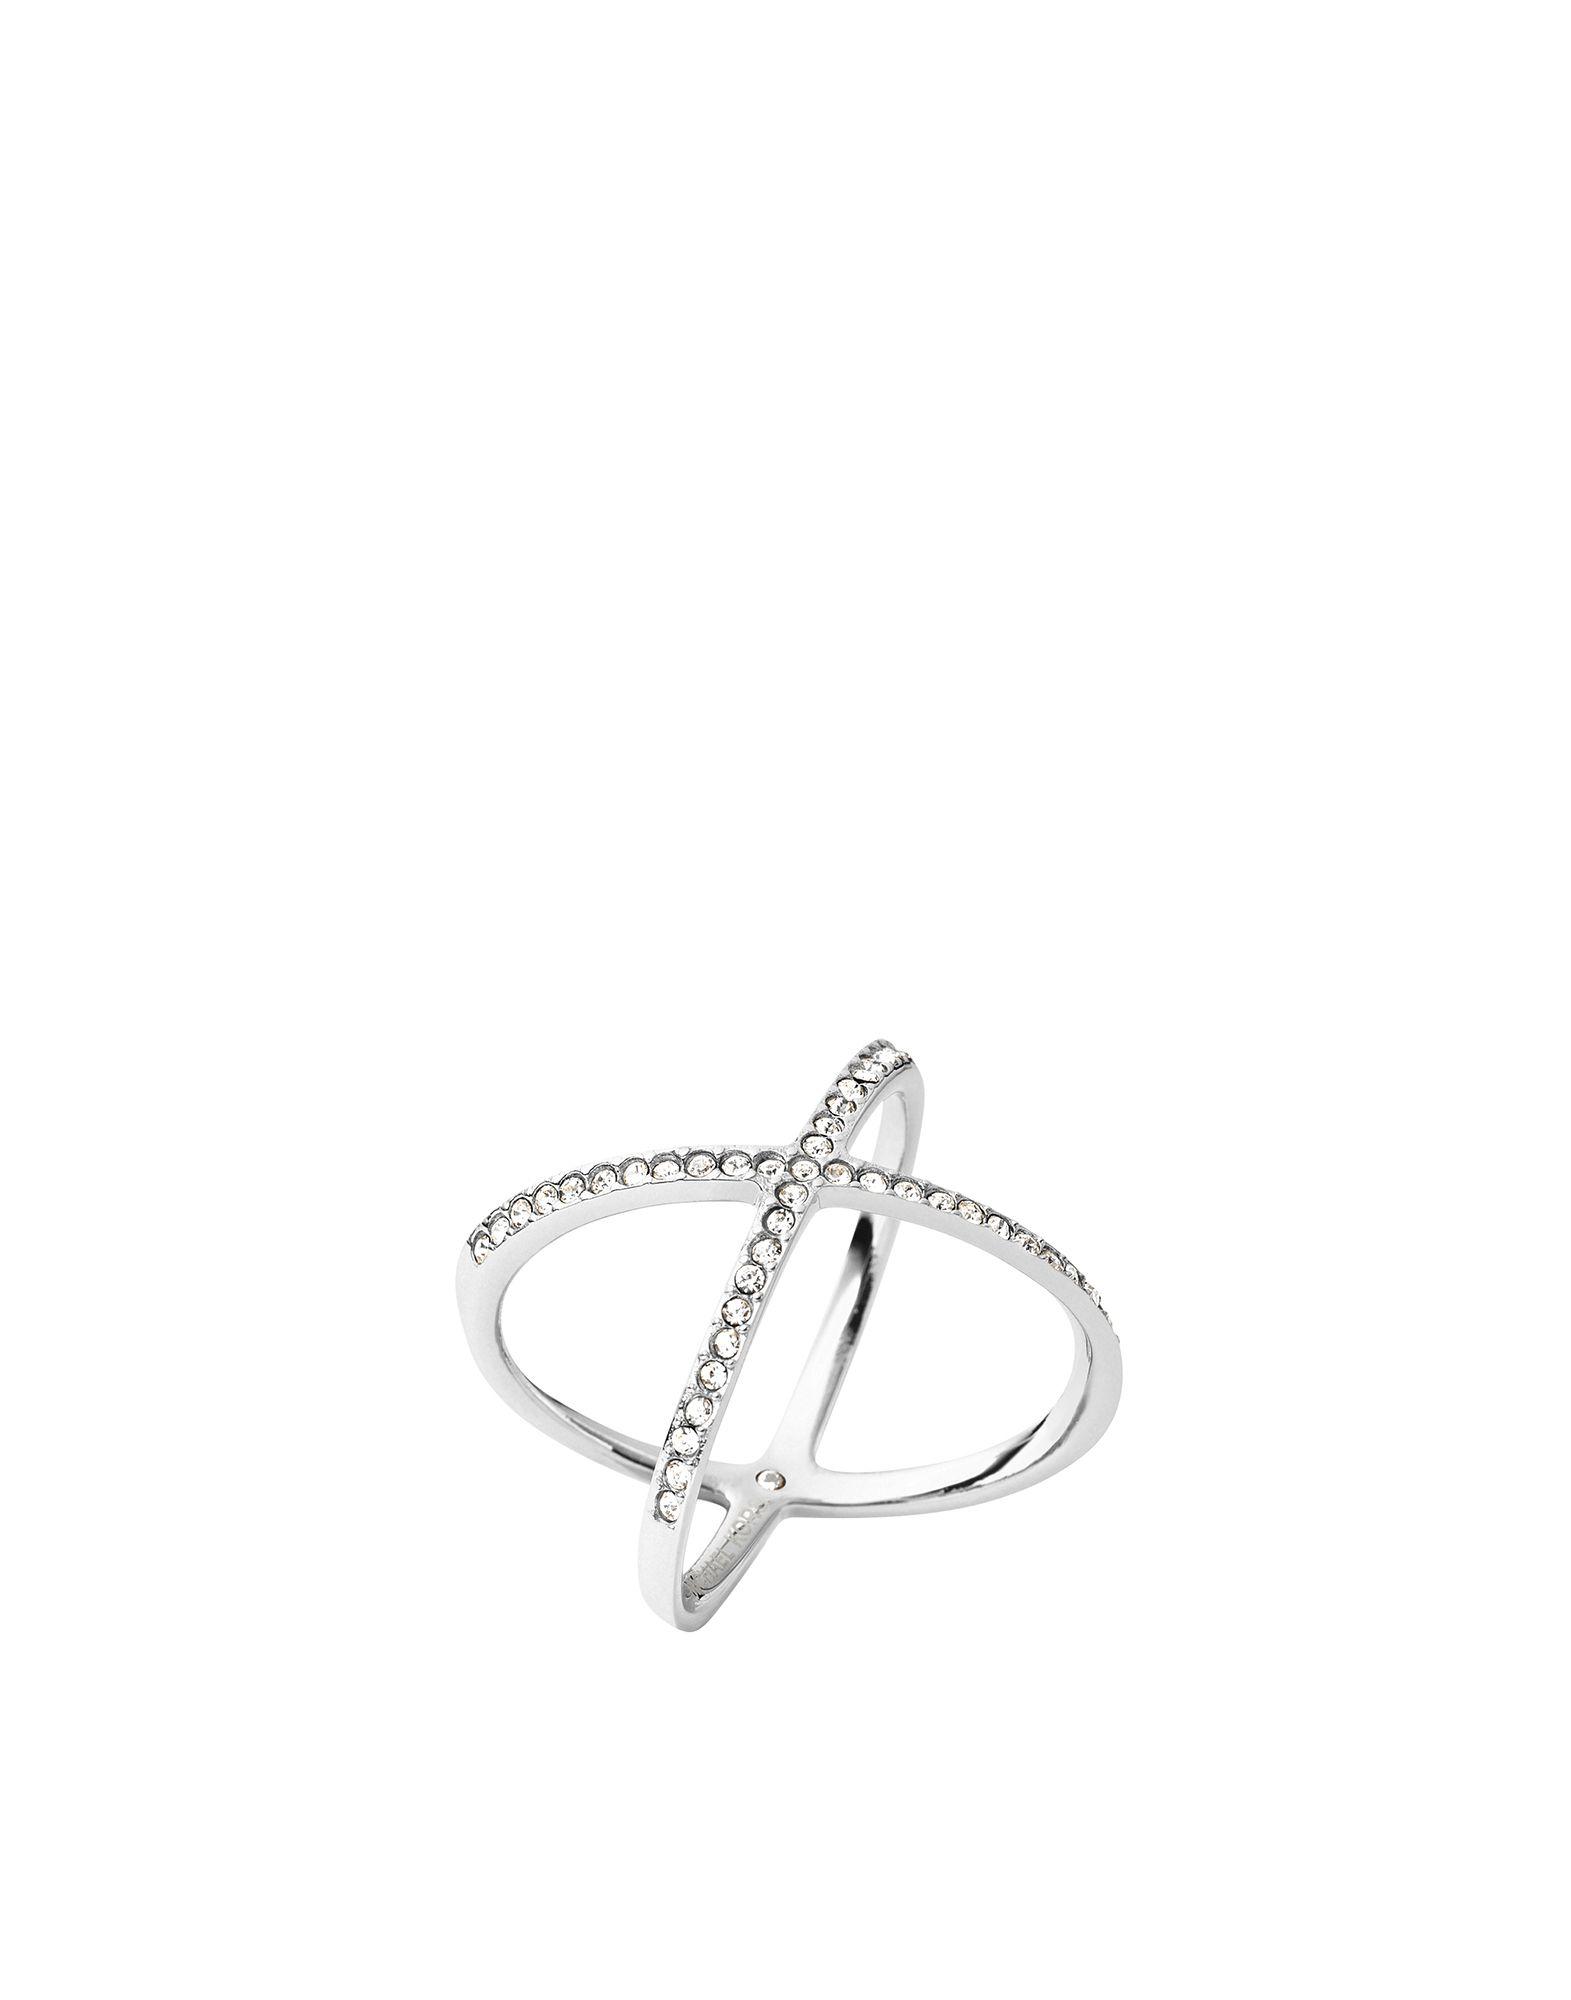 《送料無料》MICHAEL KORS レディース 指輪 シルバー 6 スチール / クリスタル CORE